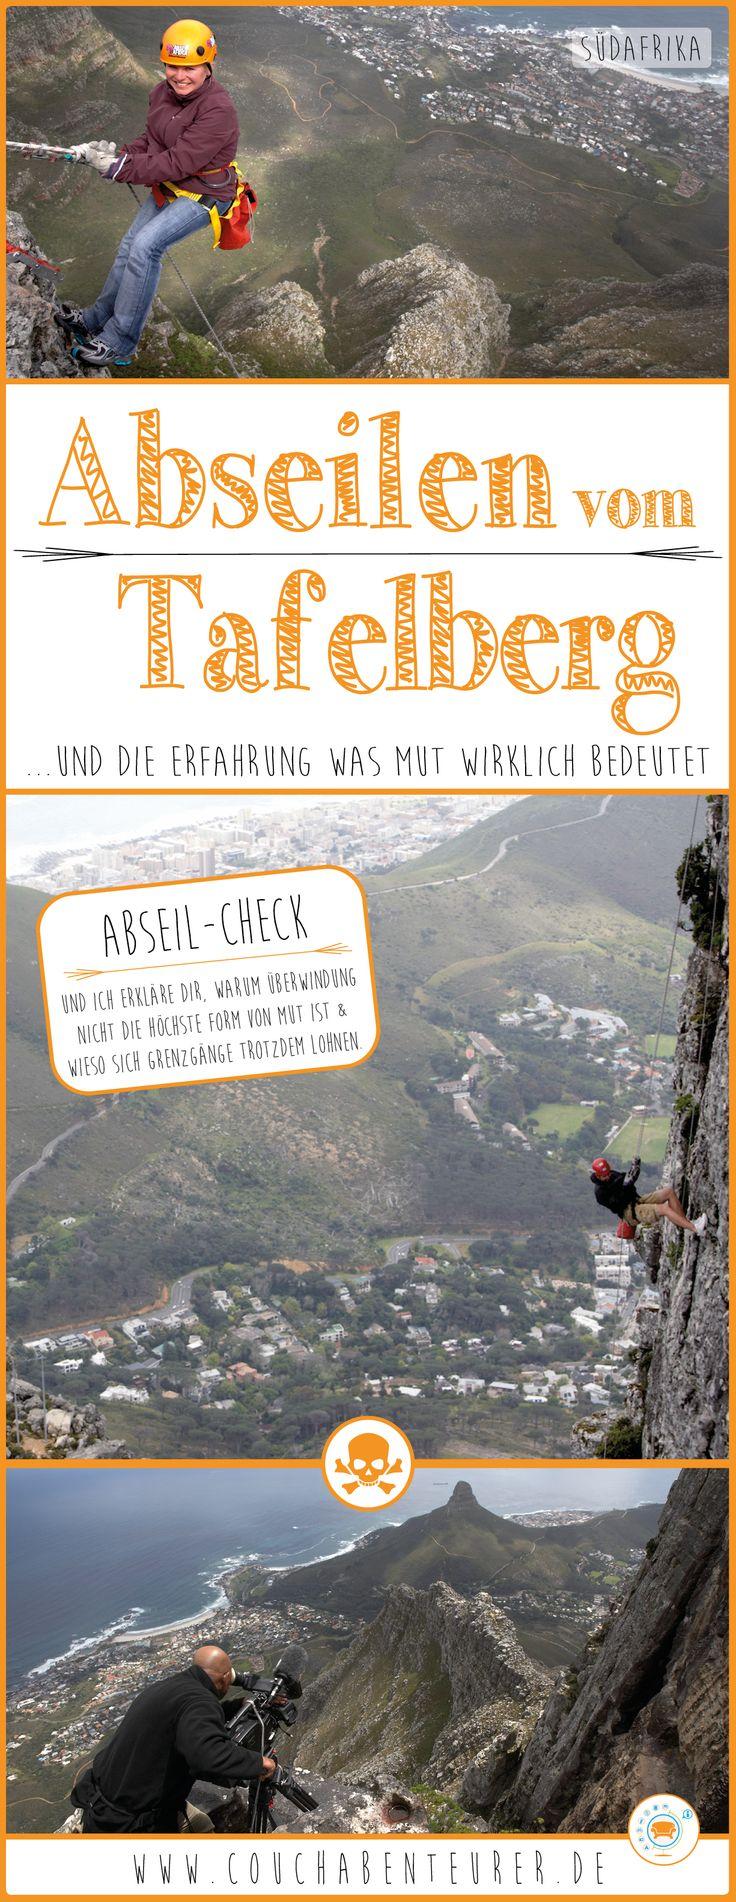 Abseilen vom 1.085m Tafelberg ist ein riesen Erlebnis, eine wahrhaftige Mutprobe und ein Thrill dem nicht jeder gewachsen ist. Meine Geschichte hier und der Grund, warum Überwindung nicht die höchste Form von Mut ist!